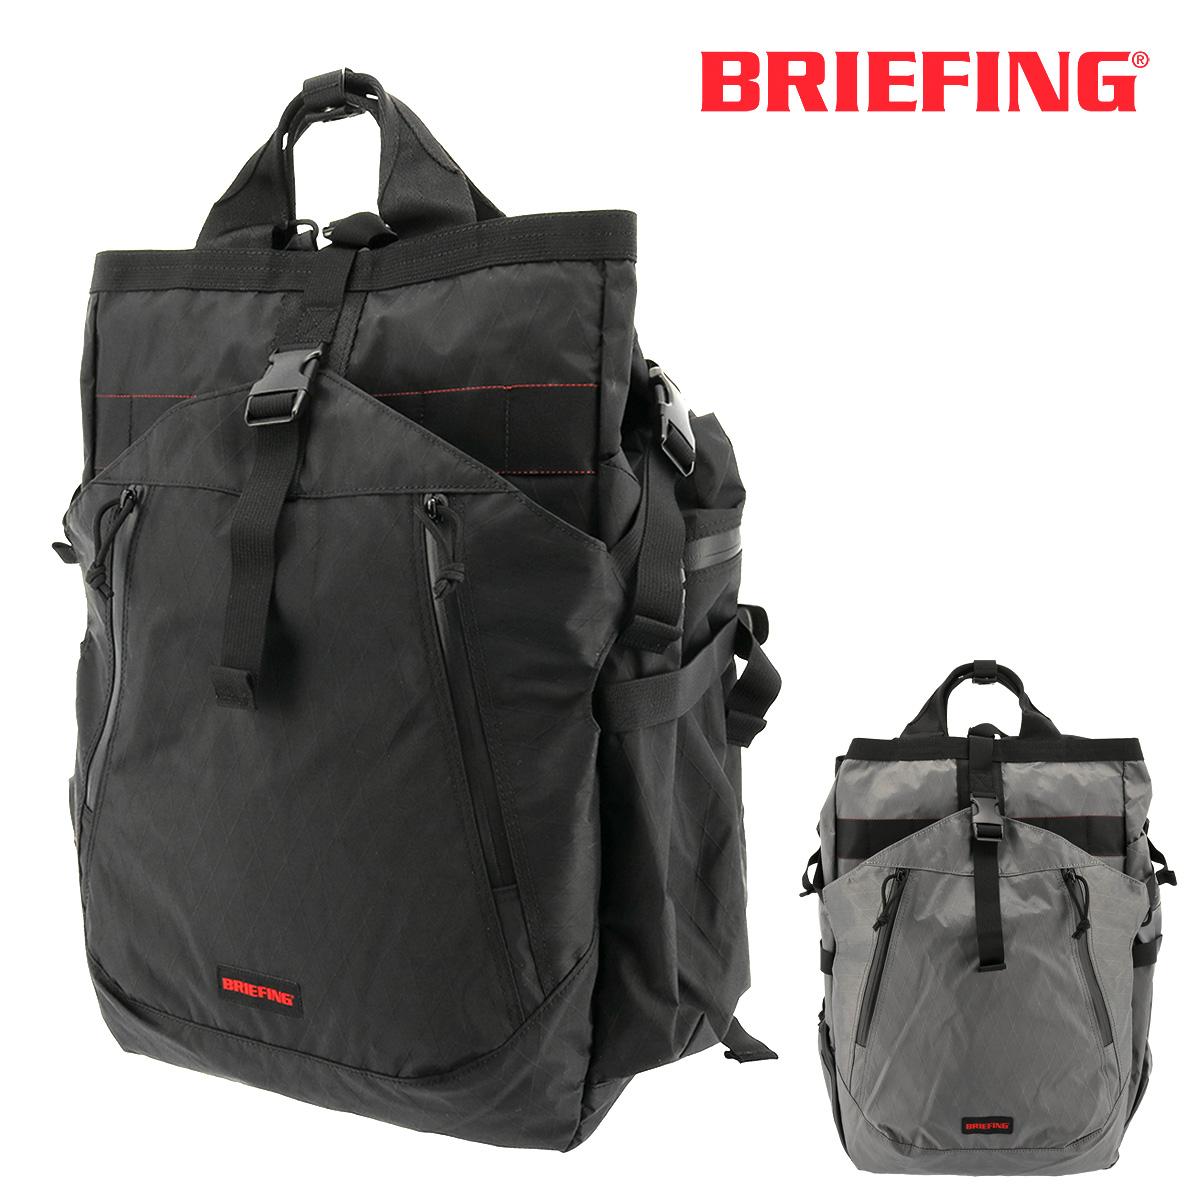 ブリーフィング リュック 大容量 メンズ トランジションバッグ XP BRM183108 BRIEFING リュックサック バックパック スクエア A4 軽量 防水 ナイロン[bef][即日発送]